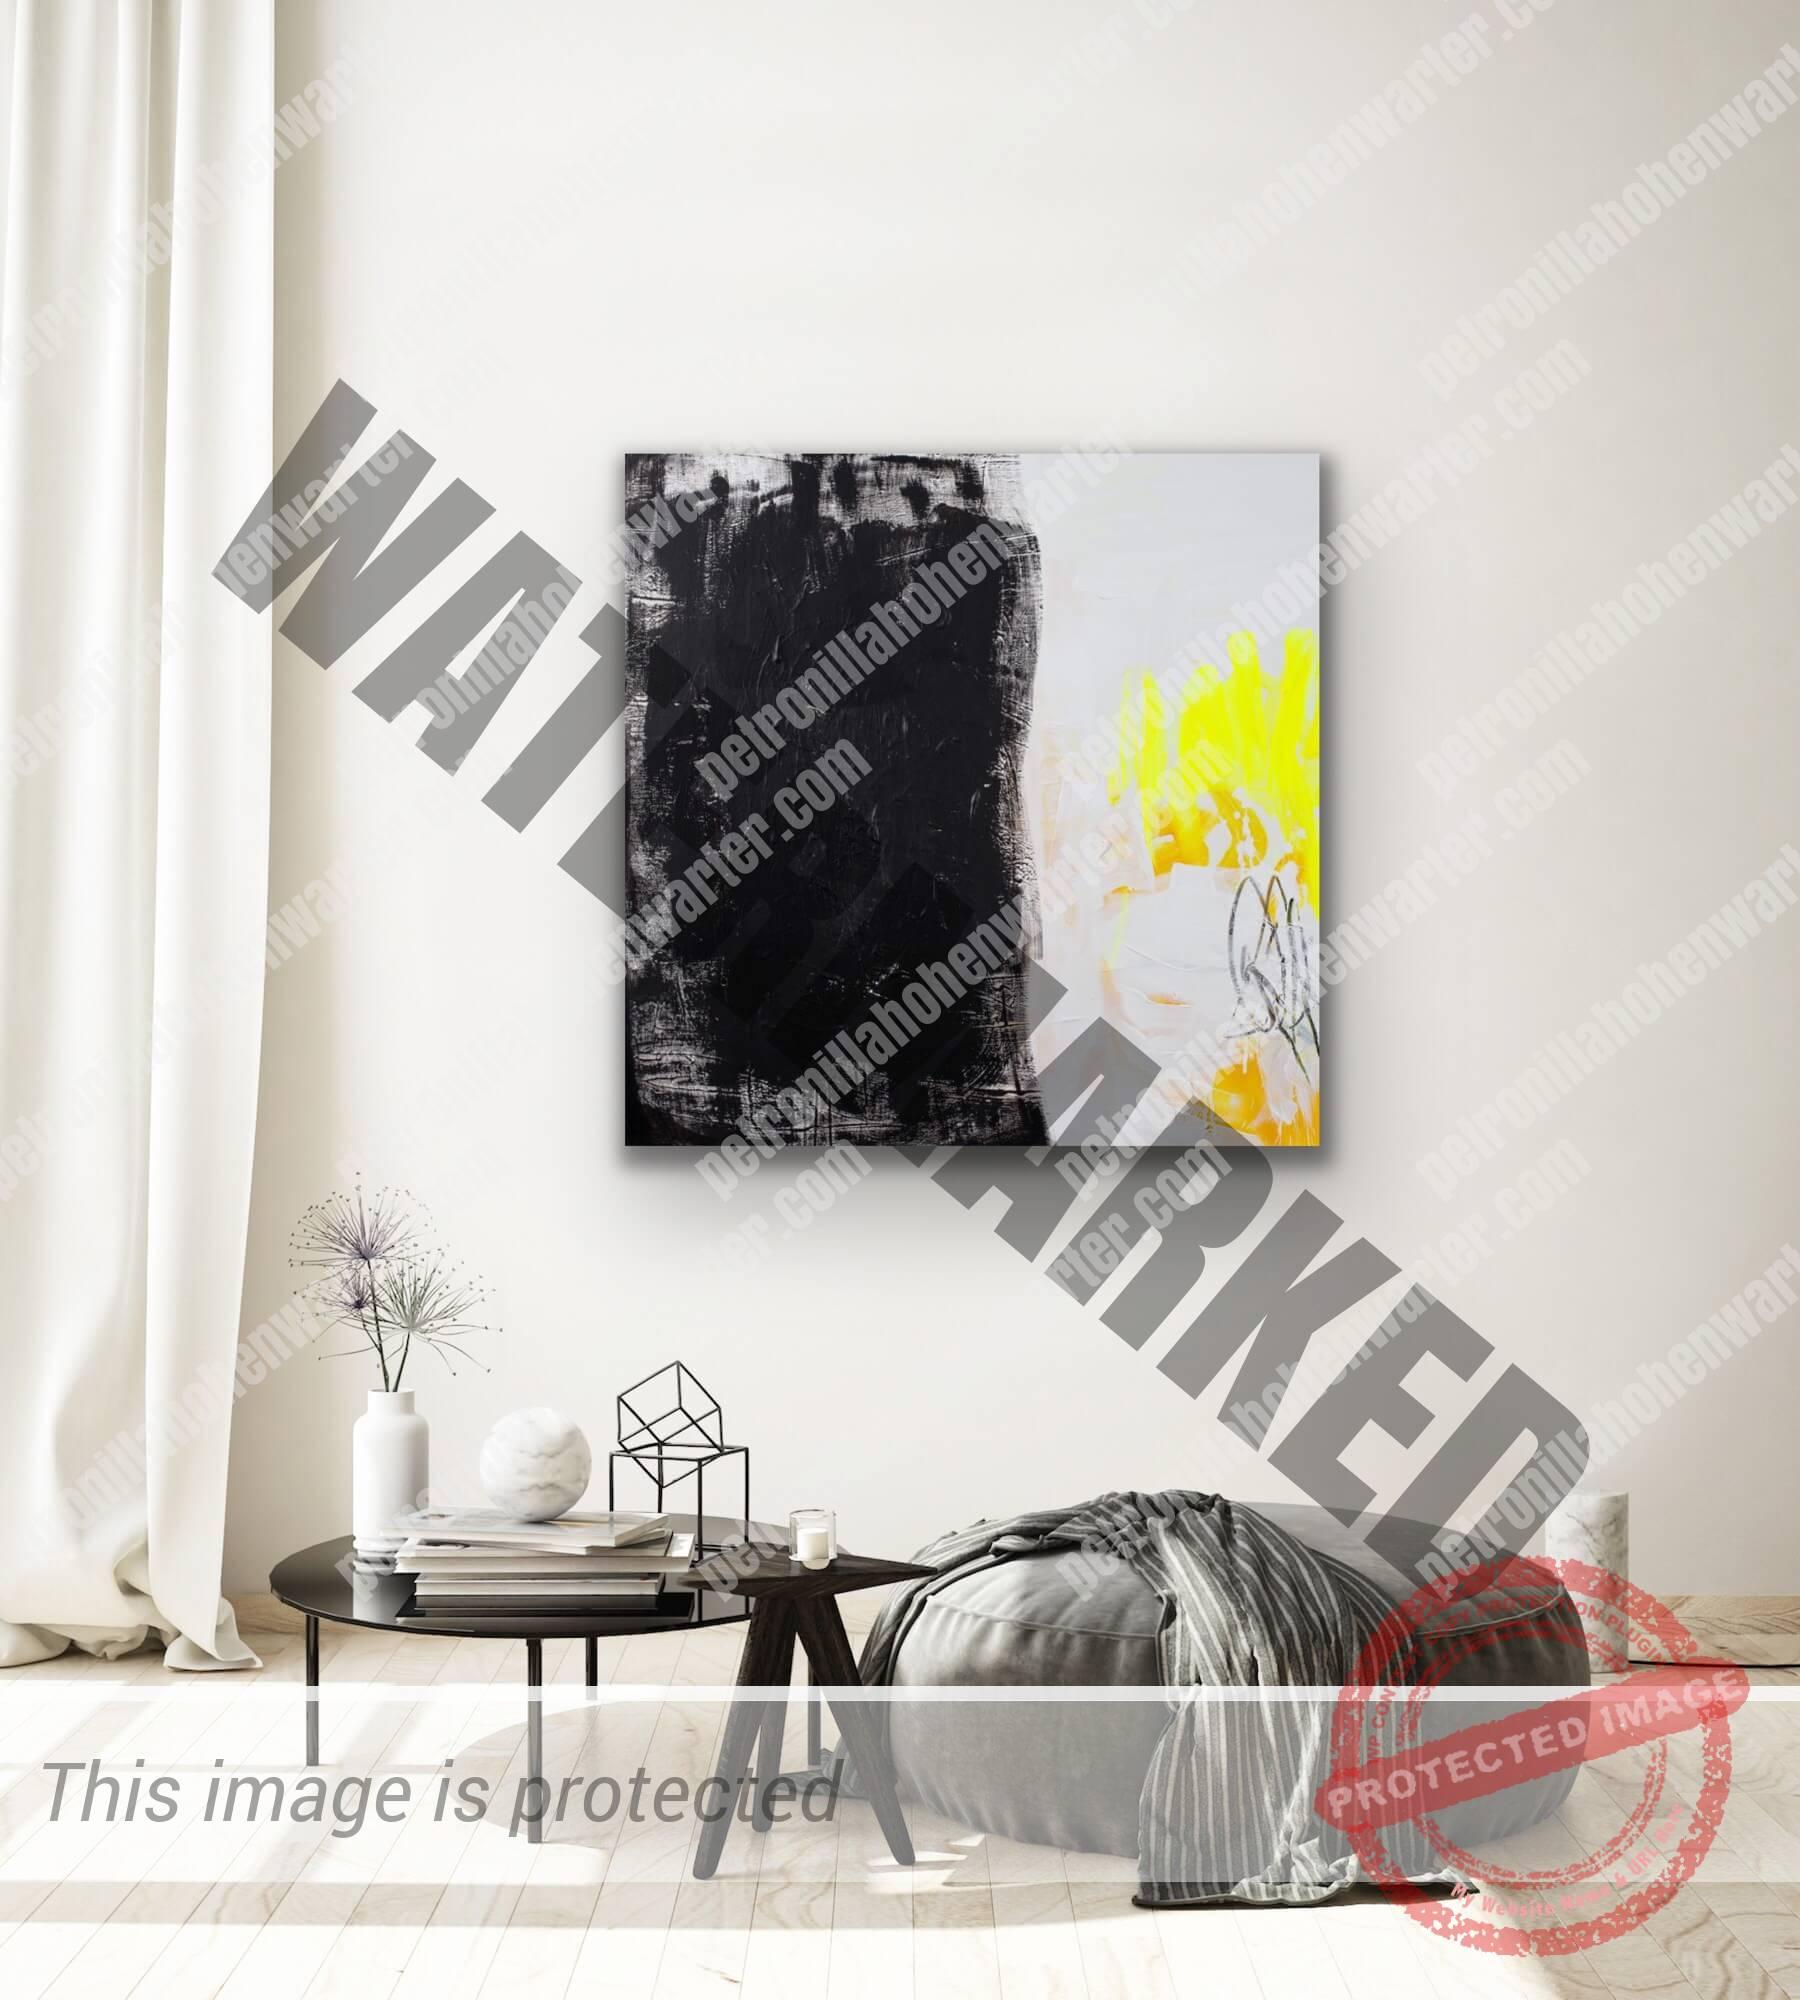 contemporary art collector pandoras box Petronilla HohenwARTer art and living interior design abstract art black yellow